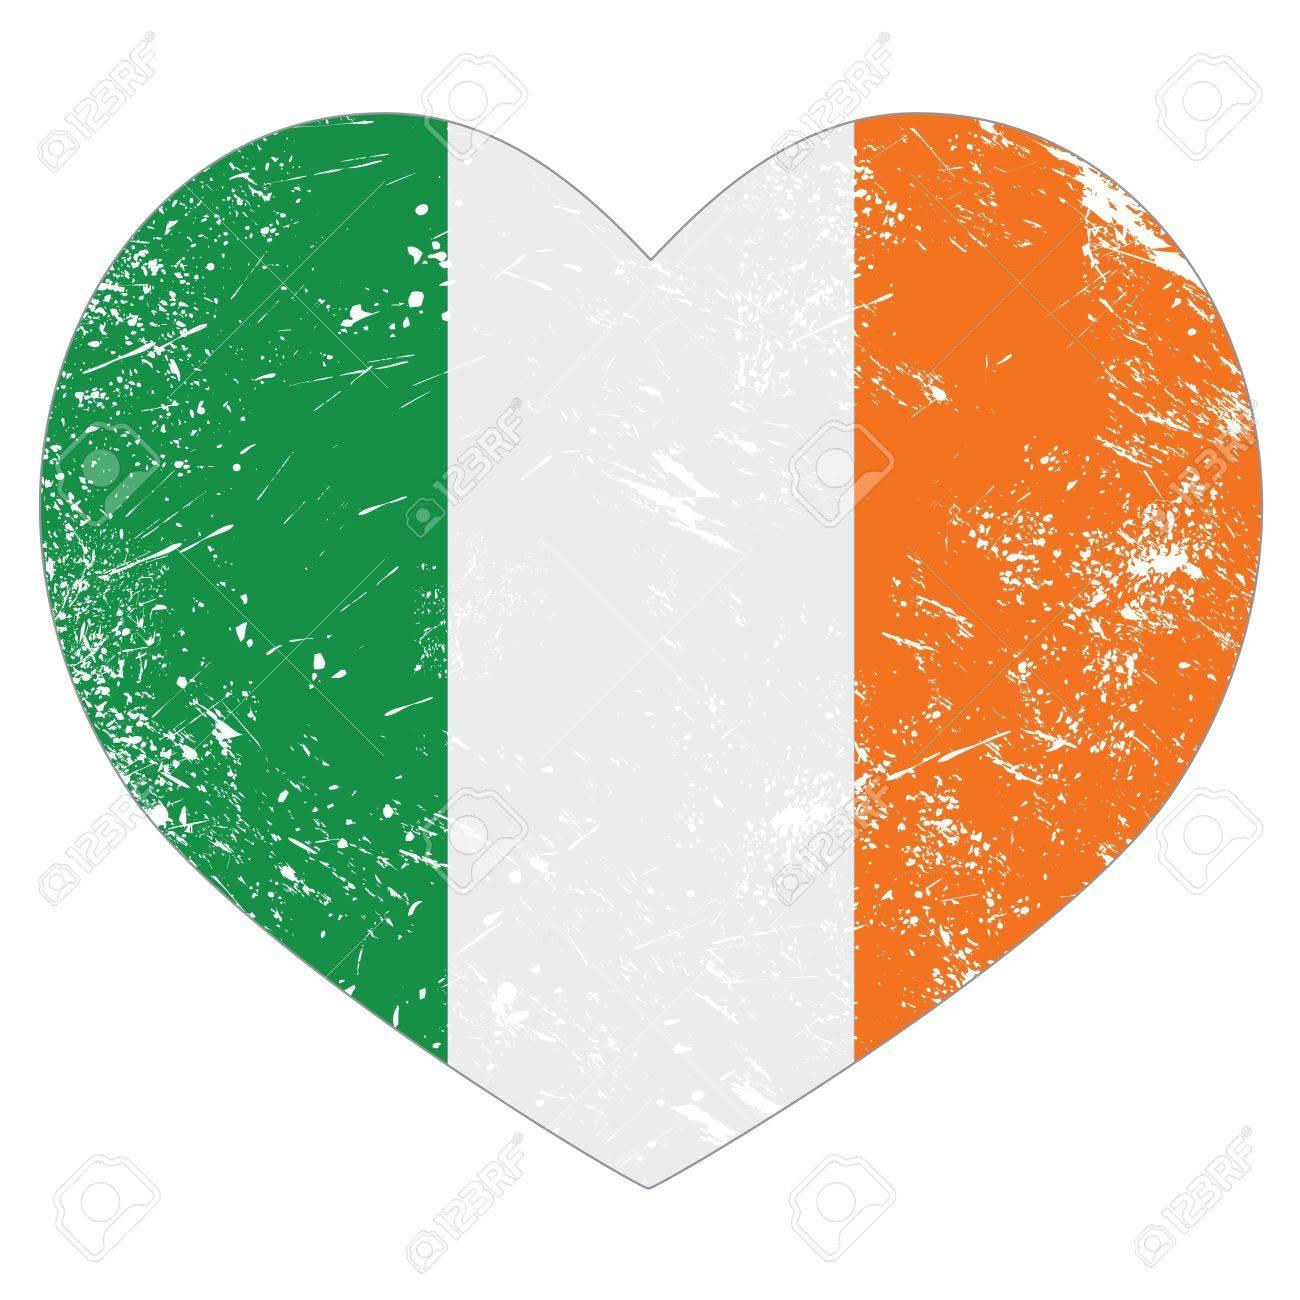 Ireland heart retro flag - St Patricks Day Stock Vector - 18276633